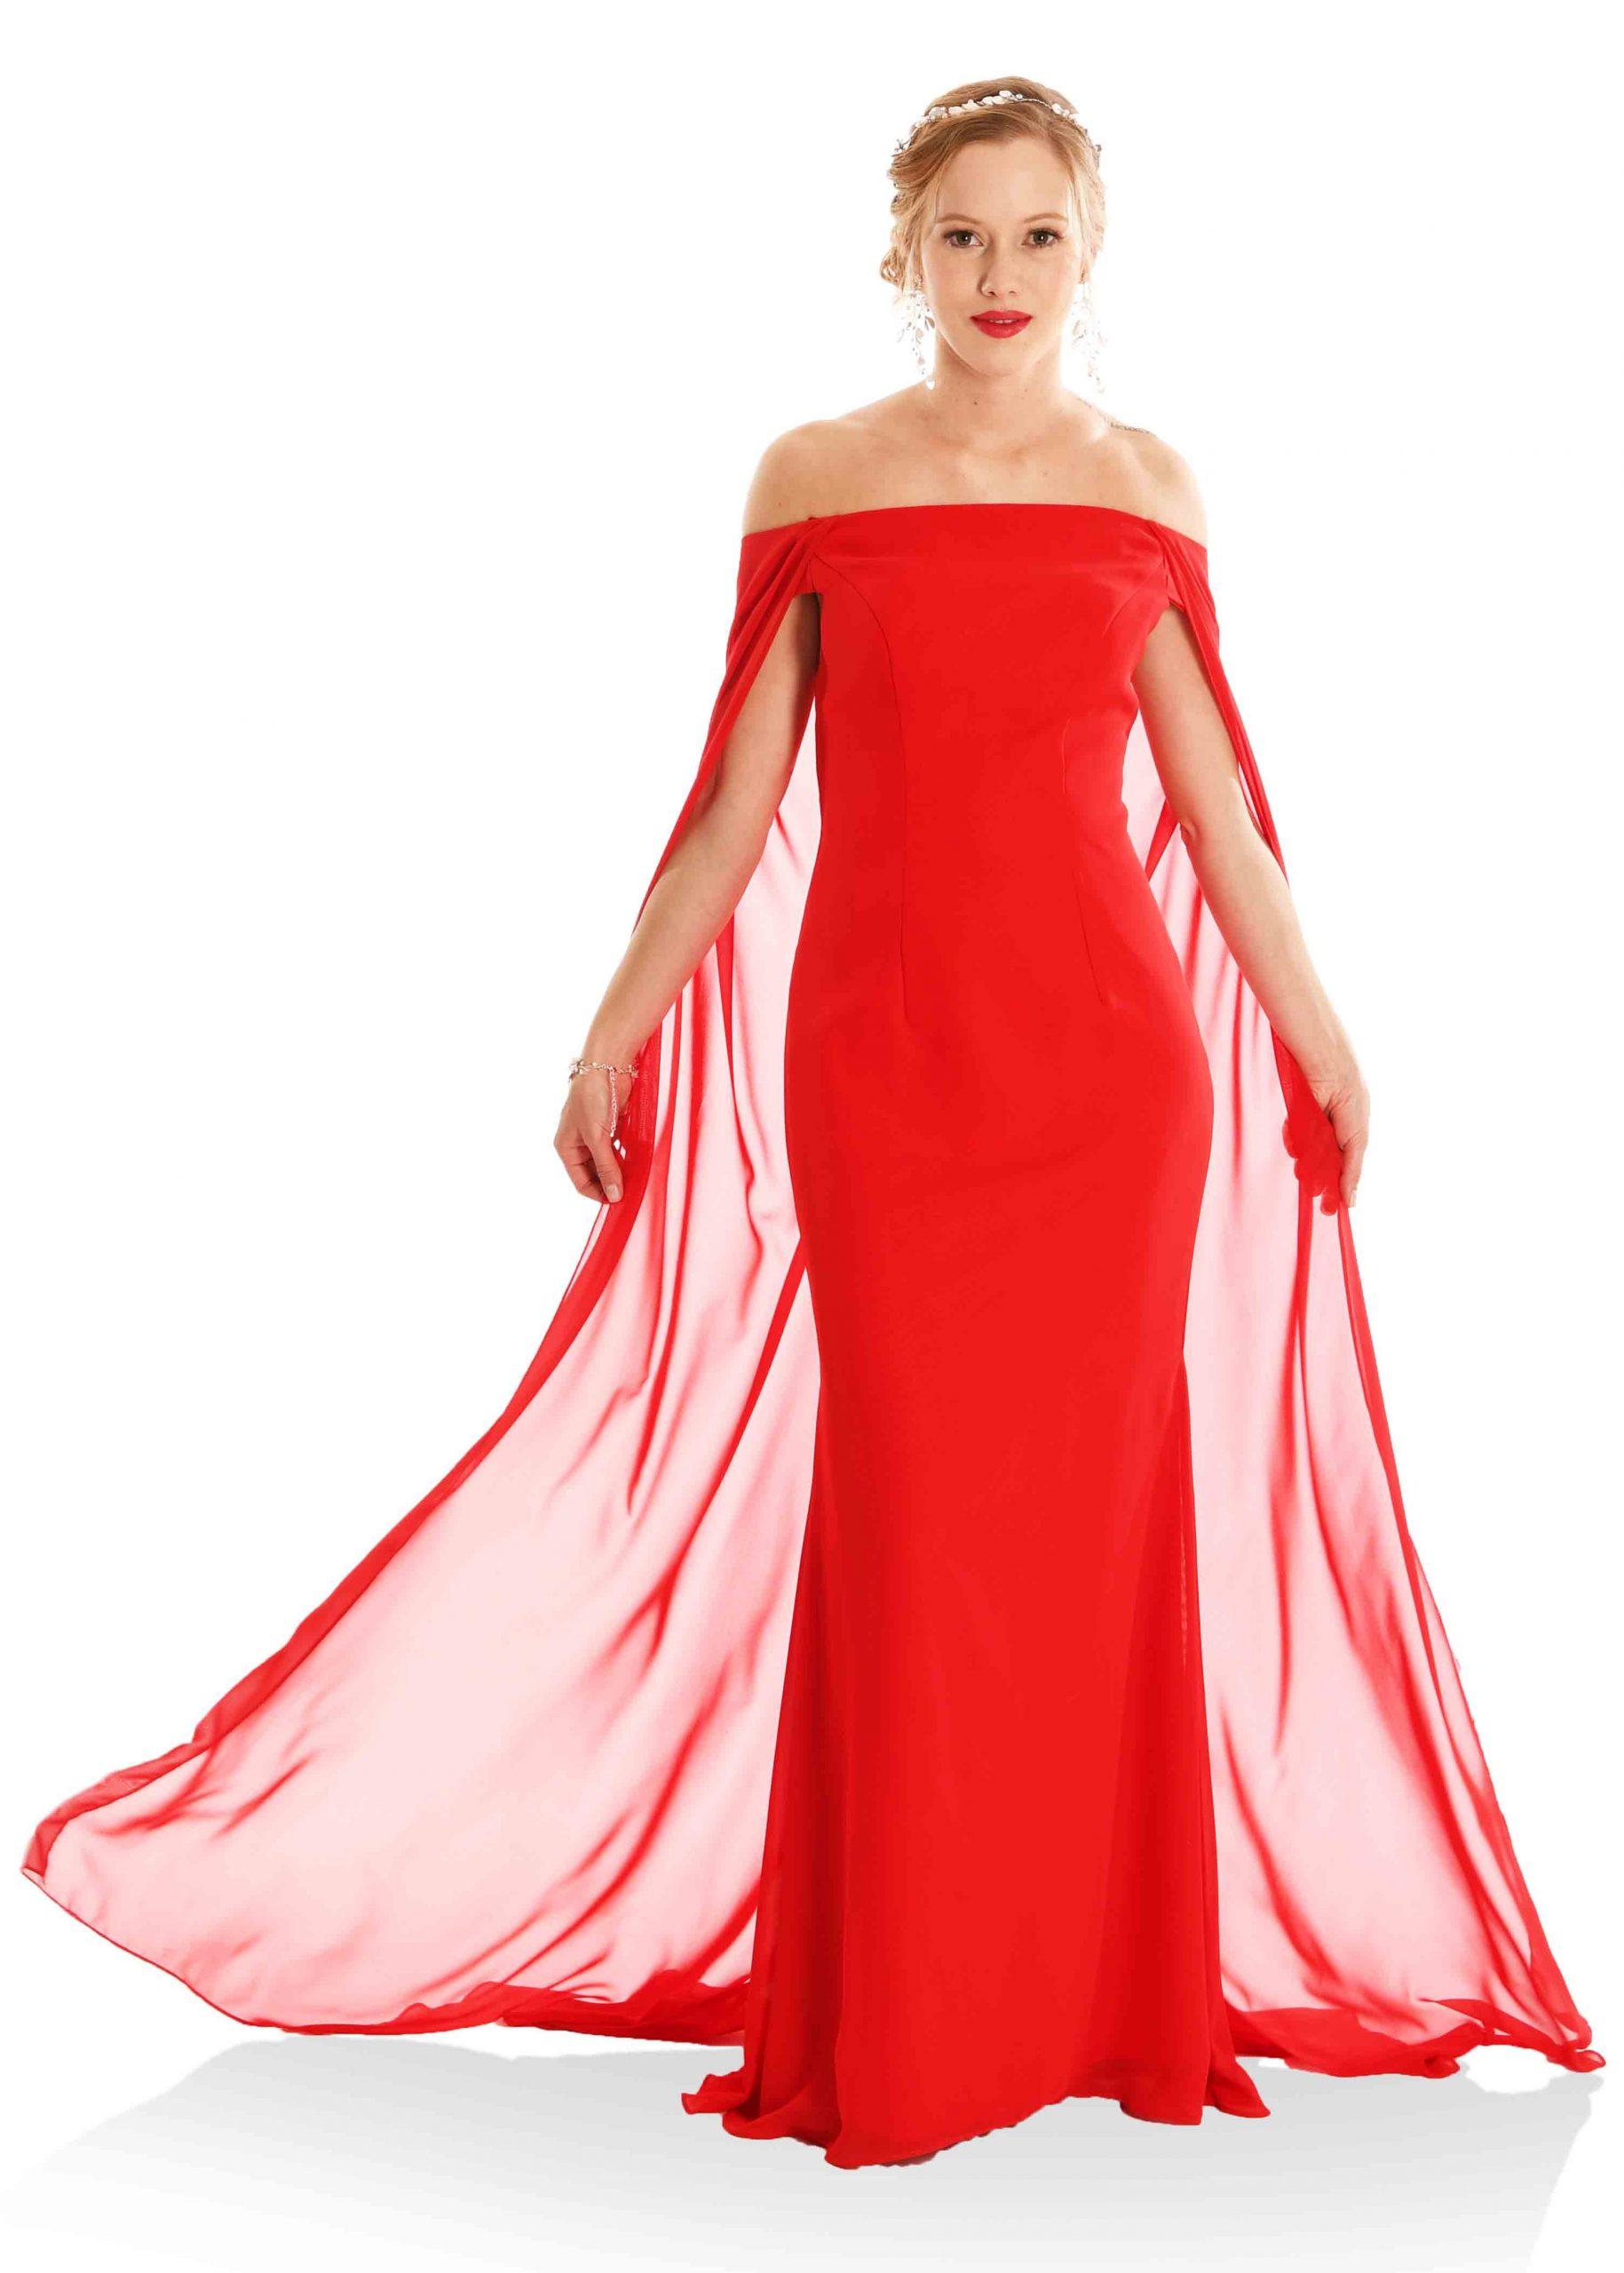 17 Schön Abendbekleidung Damen Zweiteiler Ärmel20 Luxus Abendbekleidung Damen Zweiteiler für 2019